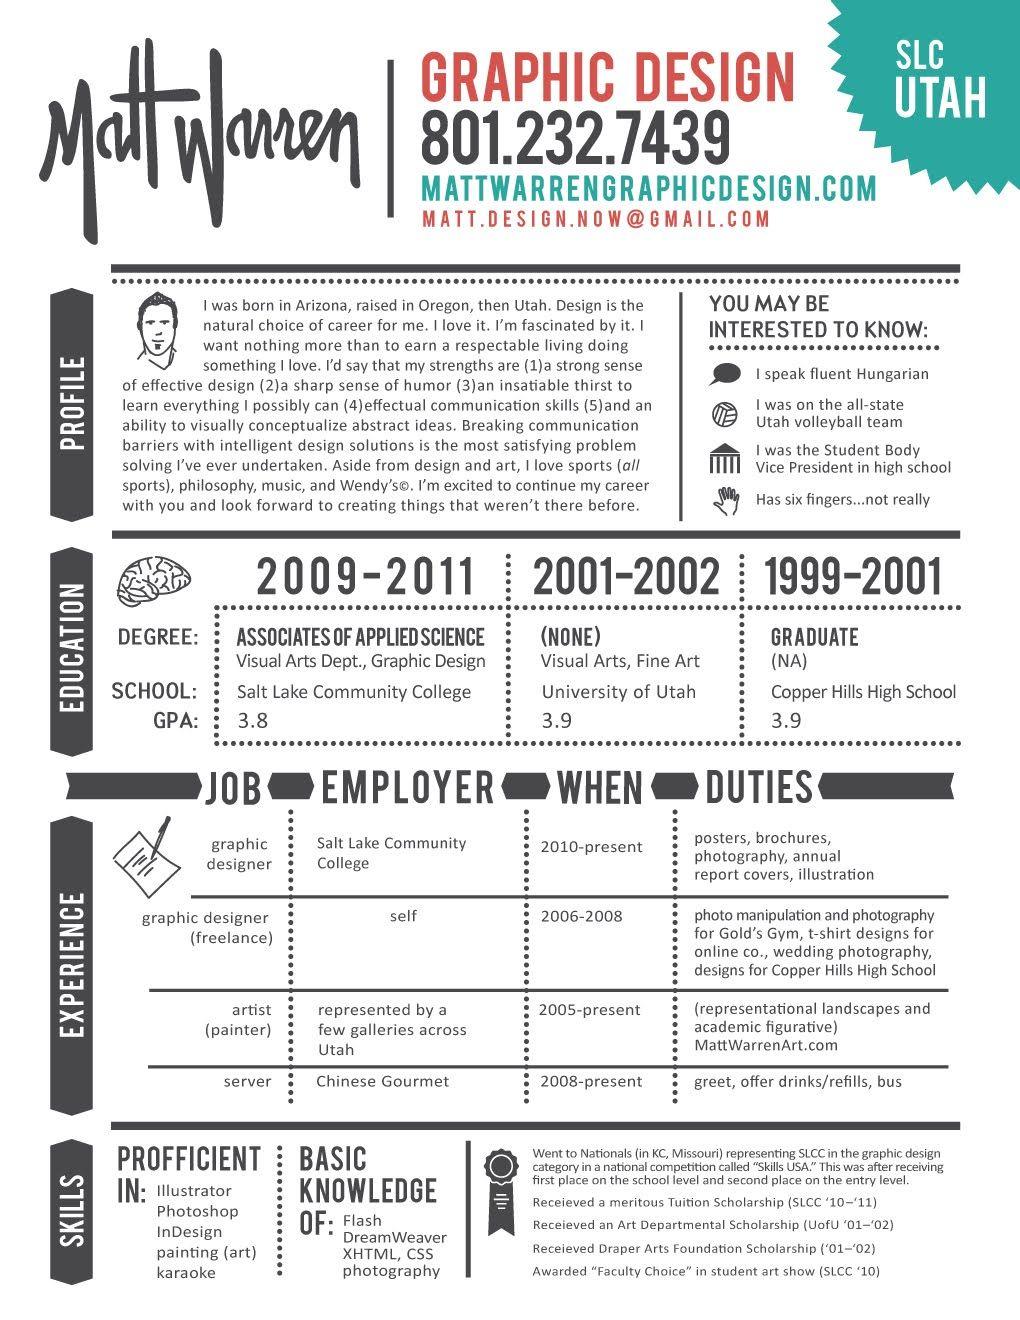 cv format for graphic designer